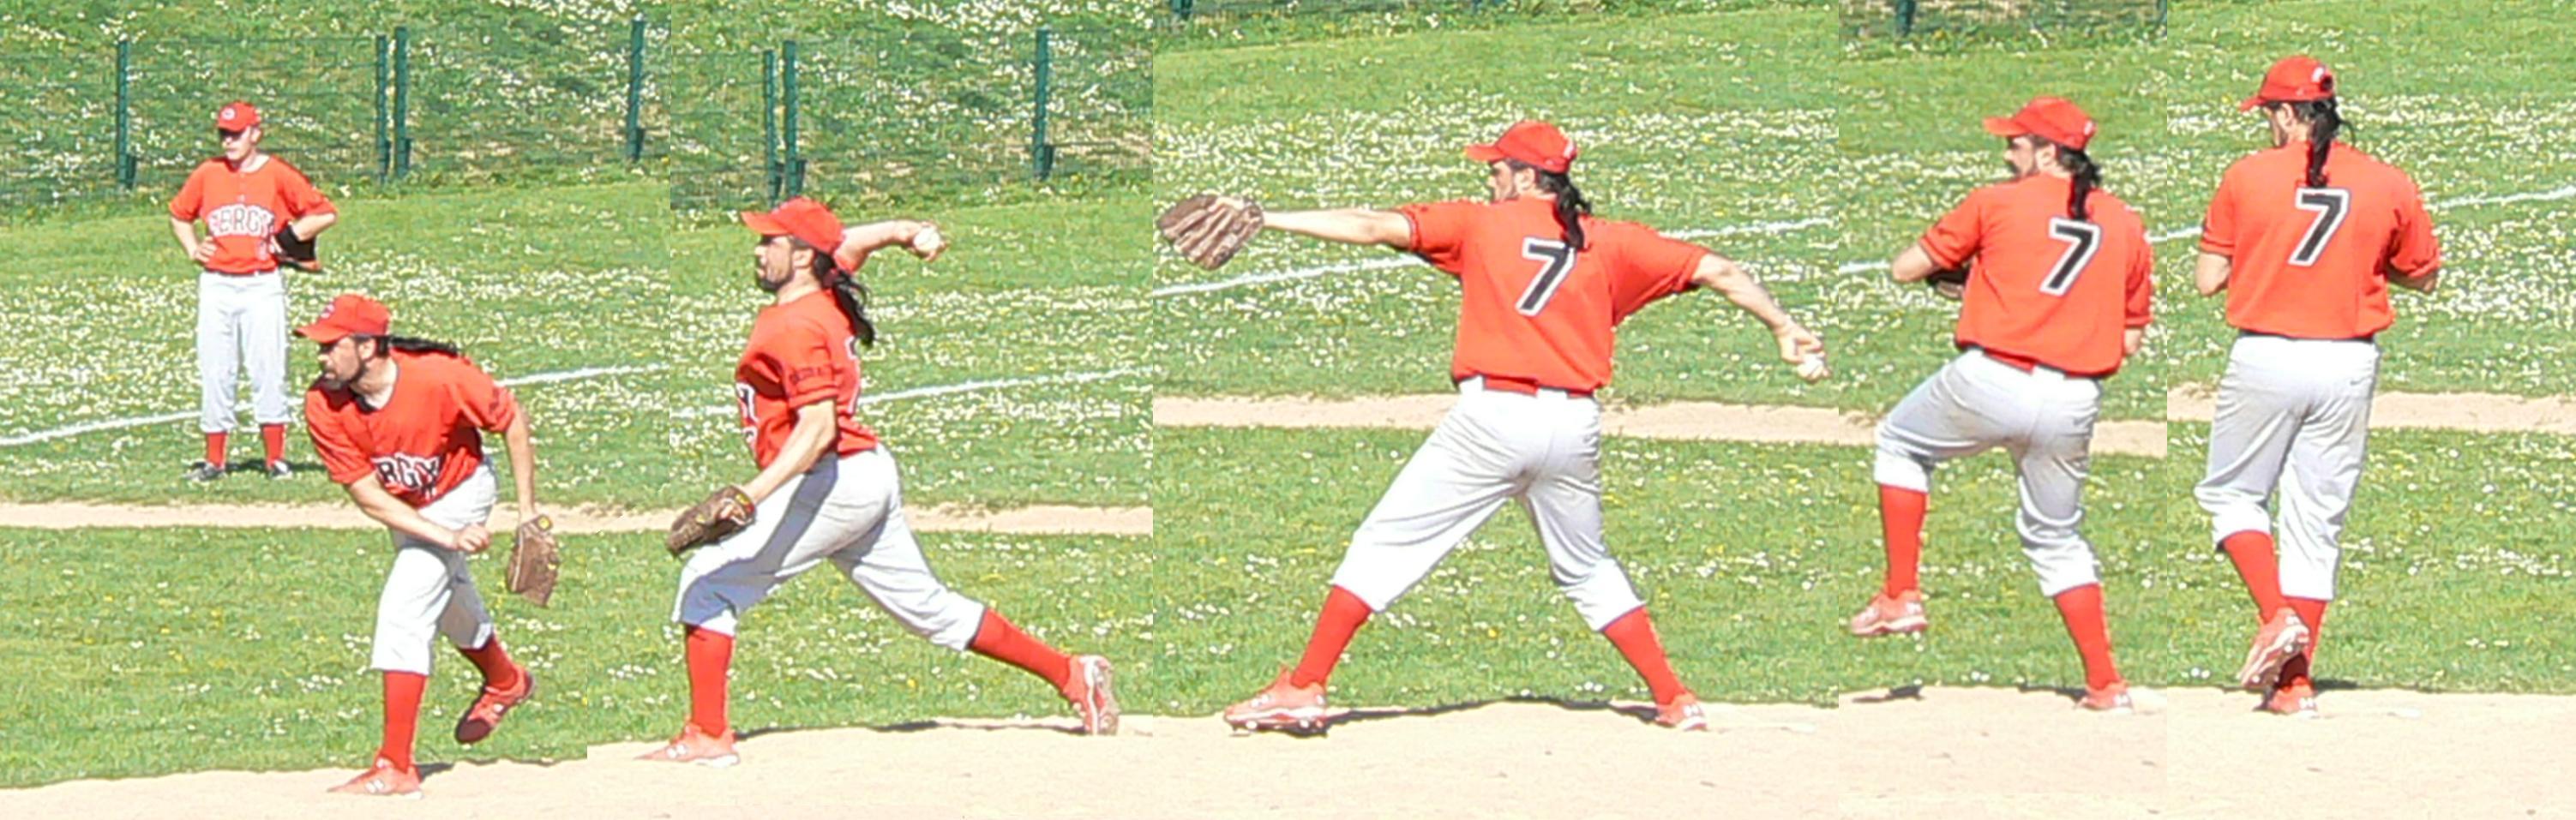 2011-04-10 - Baseball vs PUC 3 a Cergy (13)